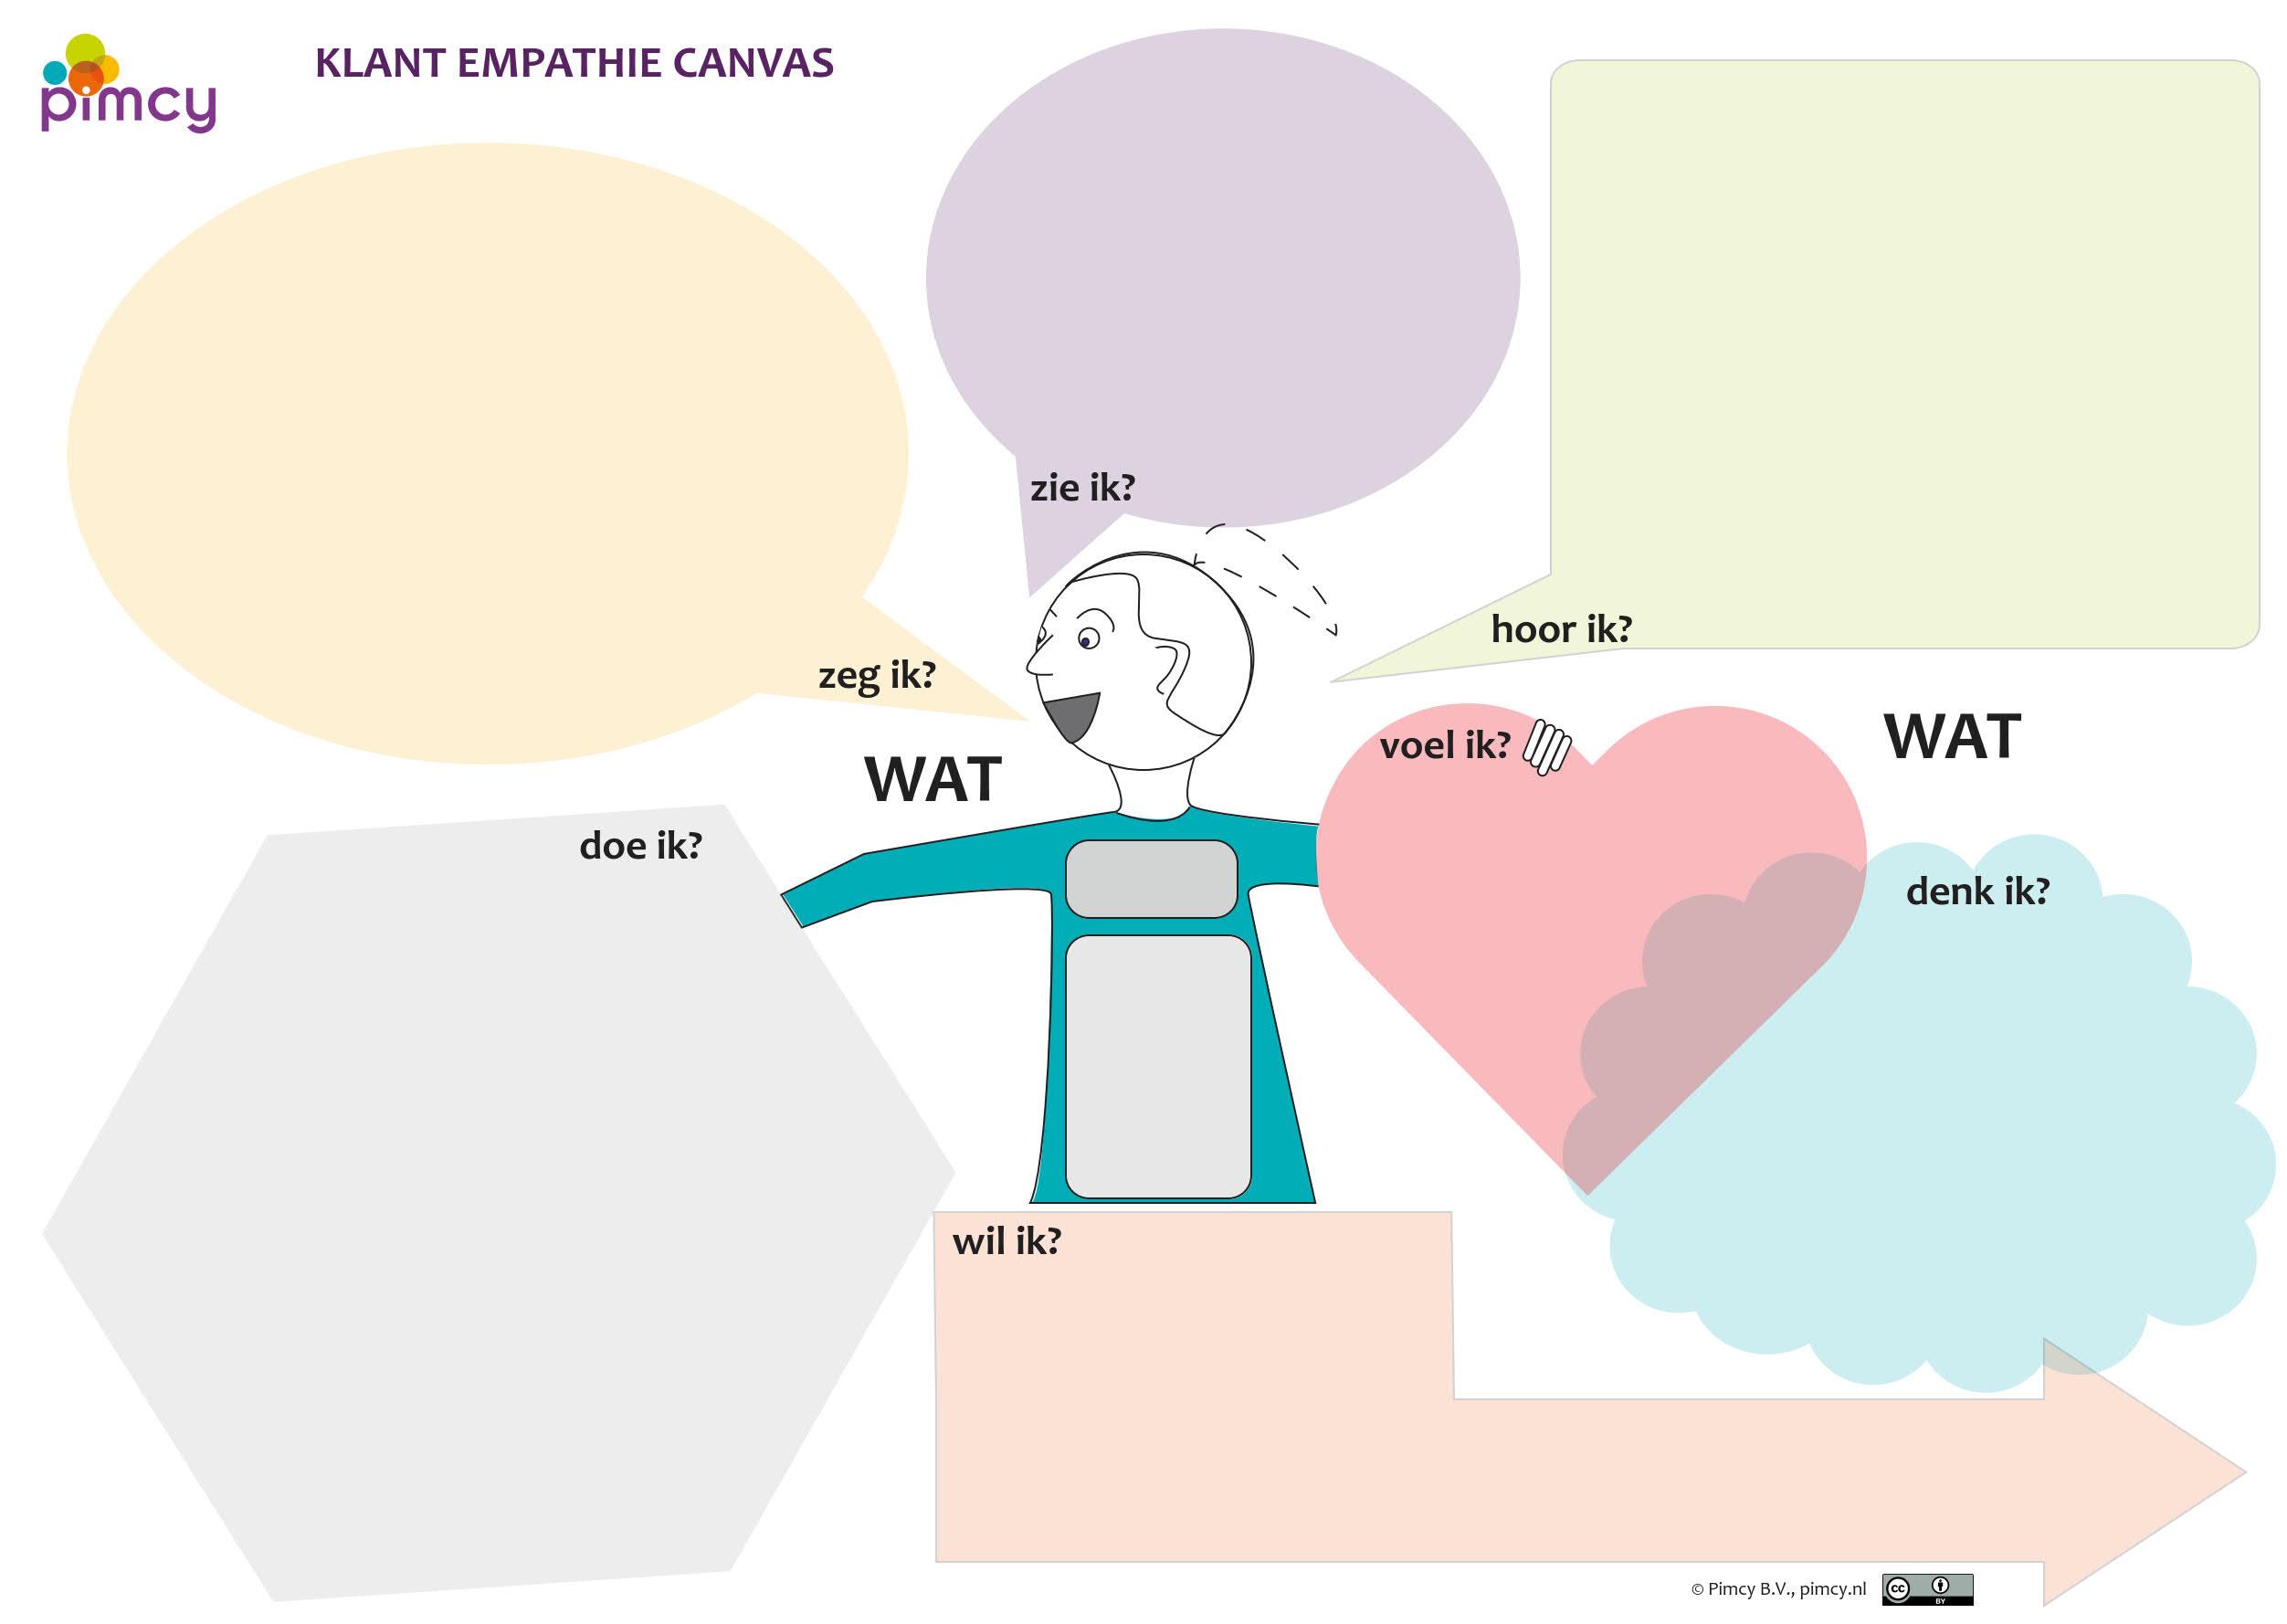 klant empathie canvas